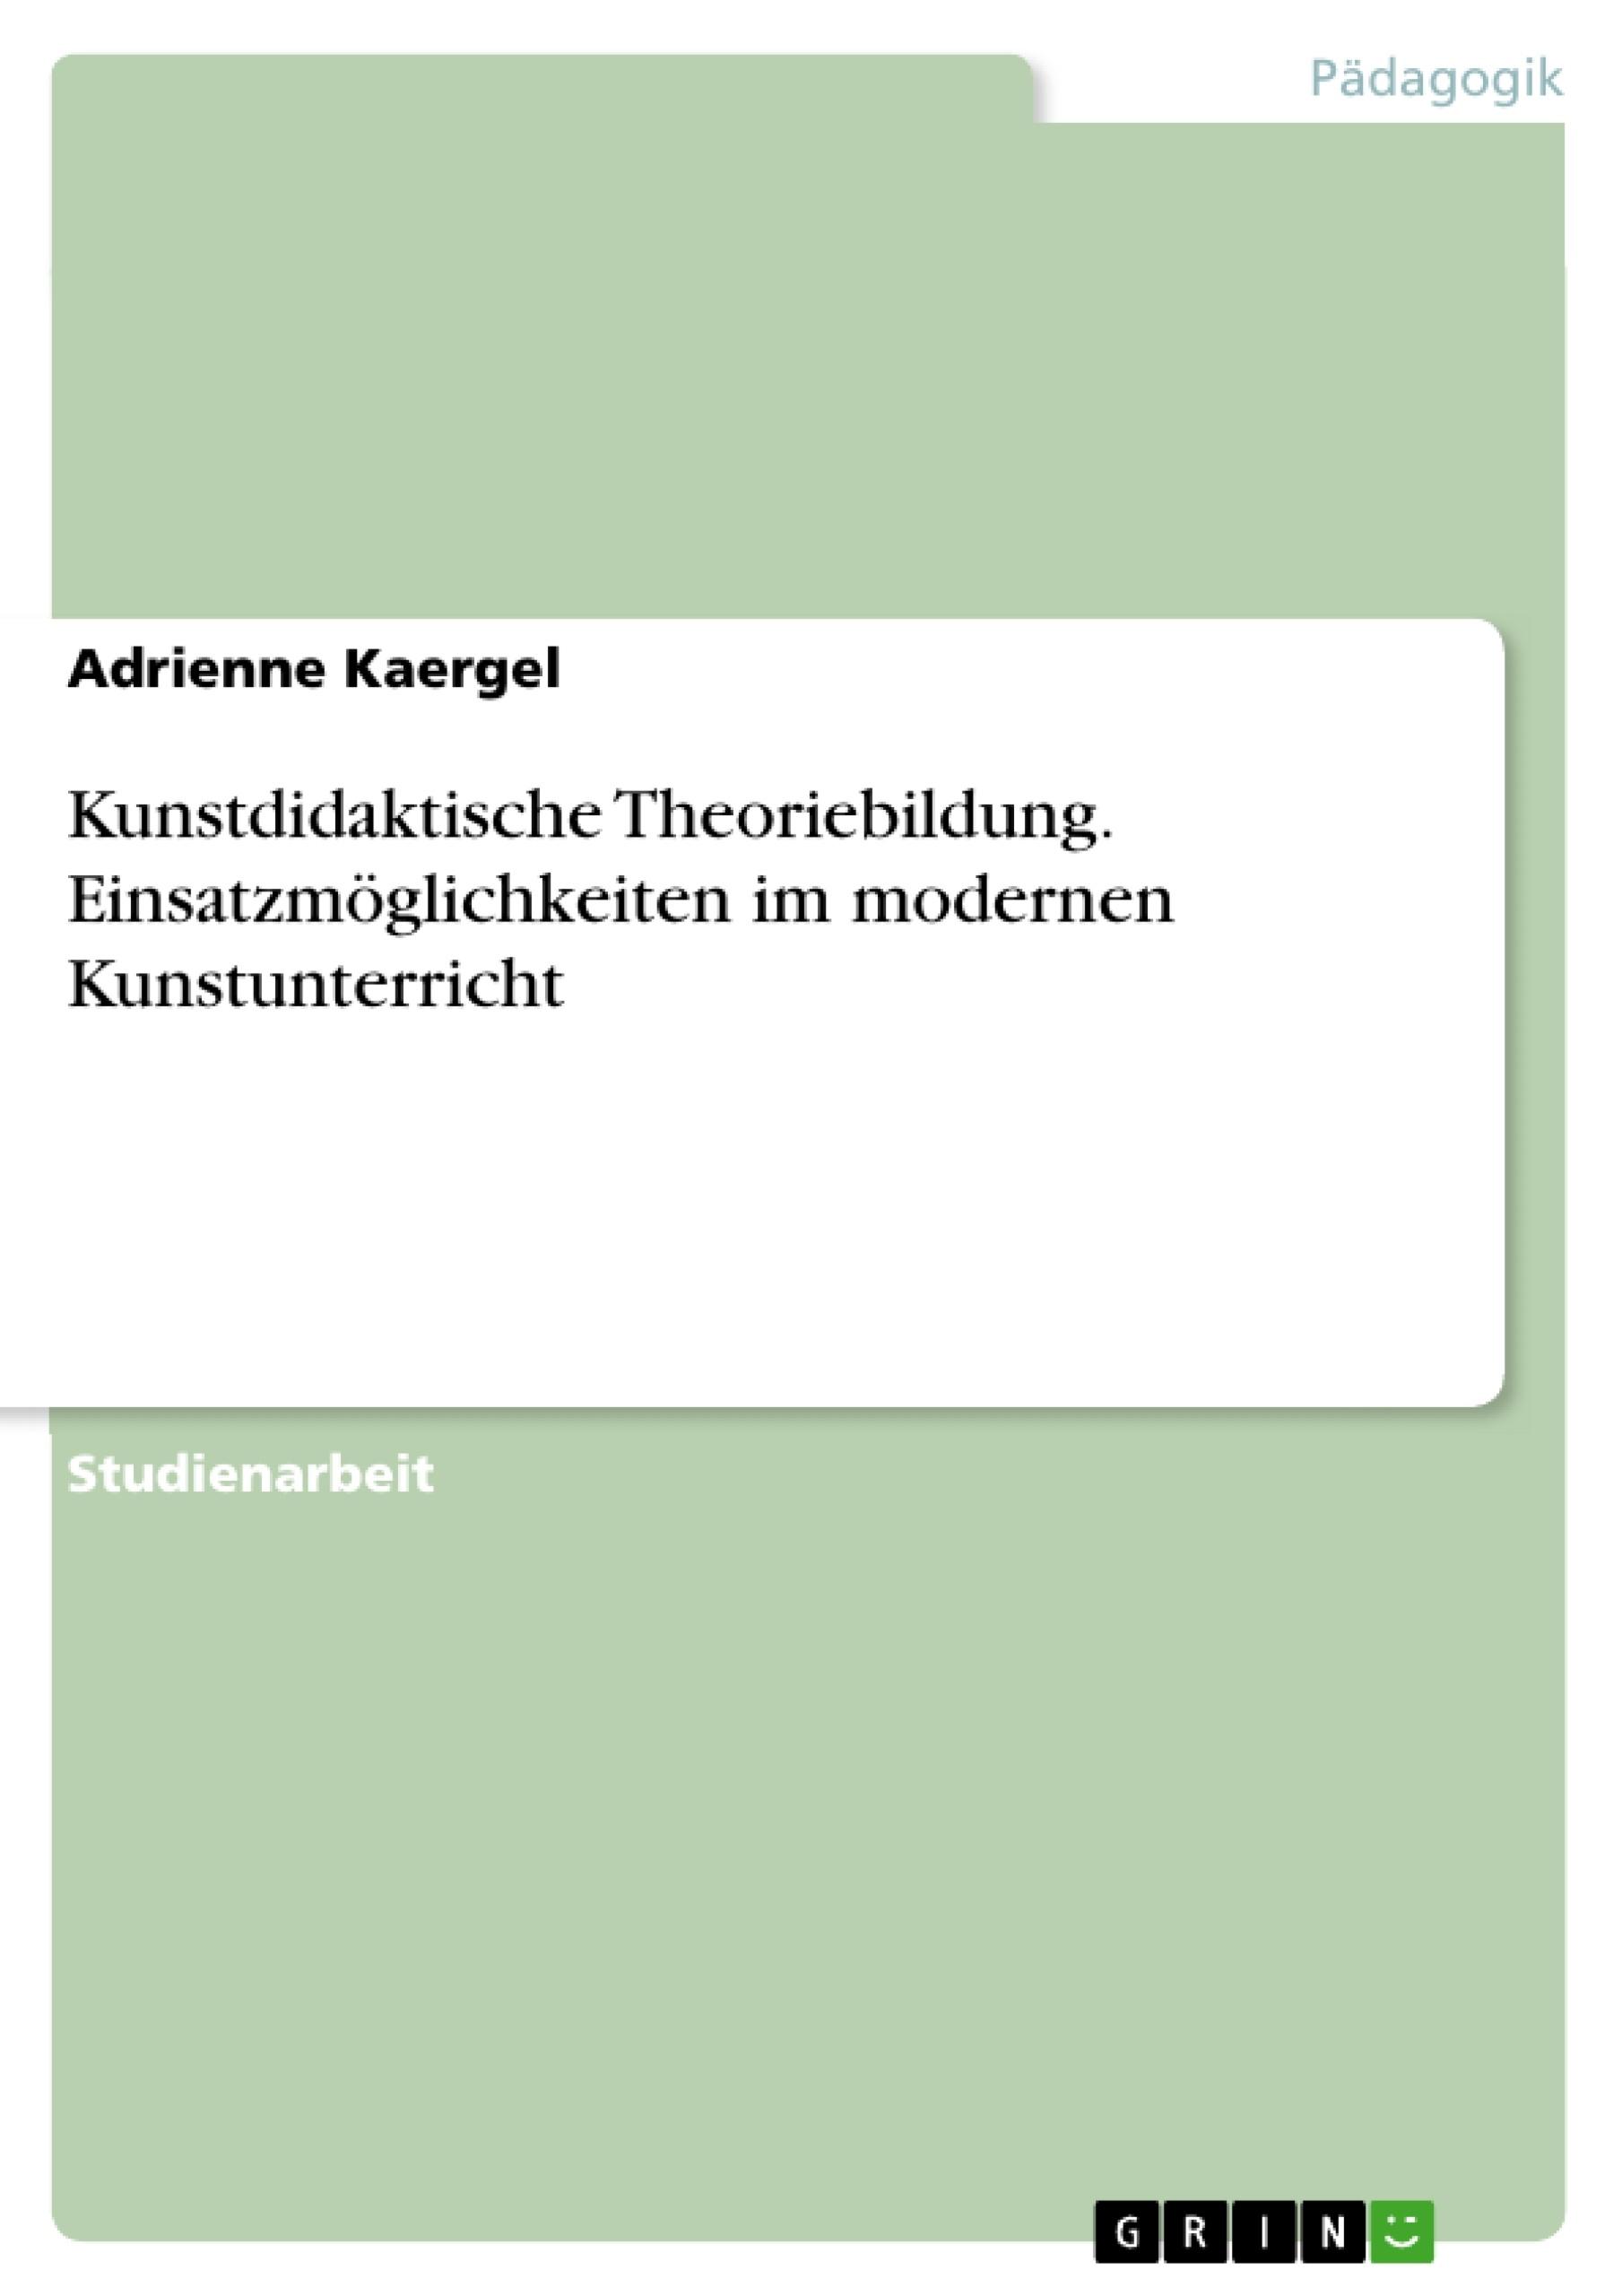 Titel: Kunstdidaktische Theoriebildung. Einsatzmöglichkeiten im modernen Kunstunterricht